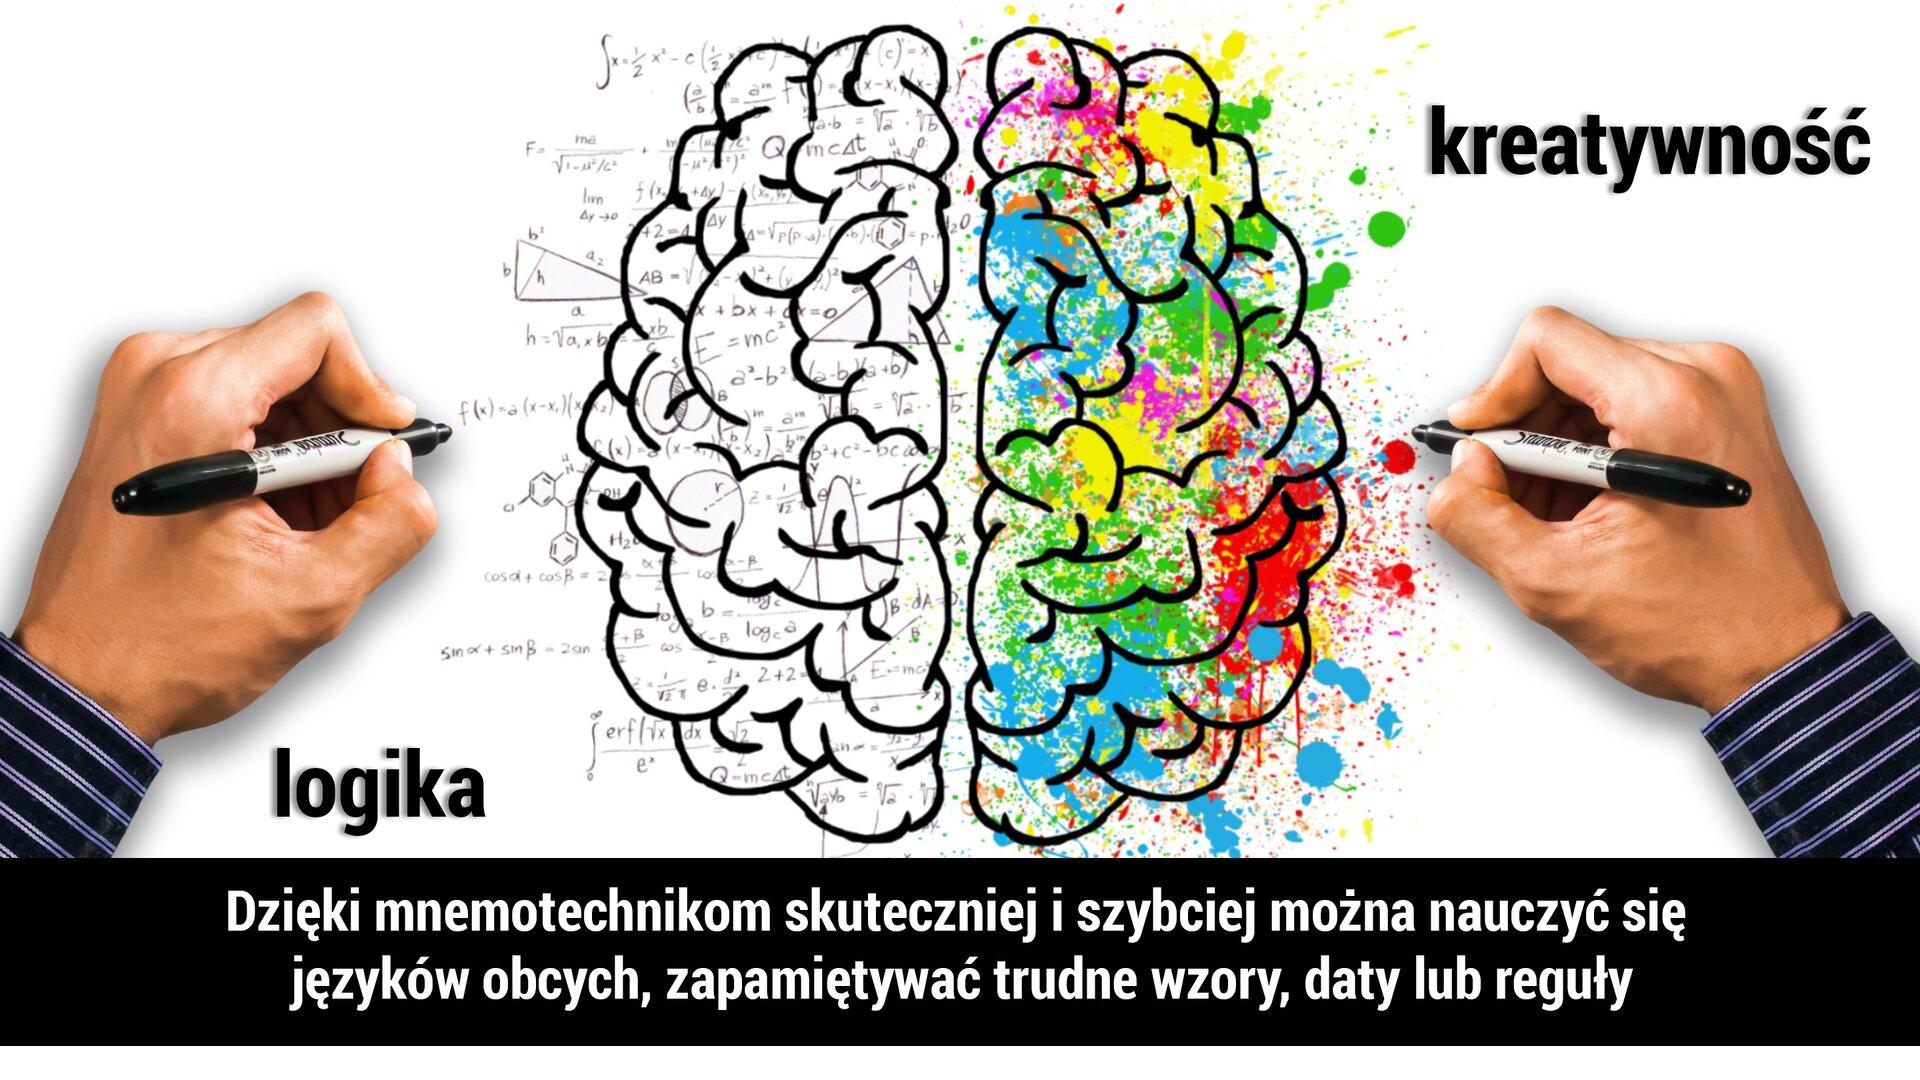 """Na ekranie wyświetla się zdjęcie: na białym tle zostały przedstawione dwie półkule mózgu. Po bokach ilustracji widać dłonie zmankietami pasiastej koszuli. Wkażdej zdłoni widać czarny pisak wbiało-czarnej oprawie. Lewy pisak jest skierowany na półkulę mózgu, na której są przedstawione wzory icyfry. Lewa półkula mózgu jest odpowiedzialna za logiczne myślenie. Druga półkula mózgowa znajduje się na tle różnobarwnych plam. Prawa półkula odpowiedzialna jest za kreatywne myślenie. Pod spodem na czarnym tle znajduje się napis: """"Dzięki mnemotechnikom skuteczniej iszybciej można nauczyć się języków obcych, zapamiętywać trudne wzory, daty lub reguły""""."""